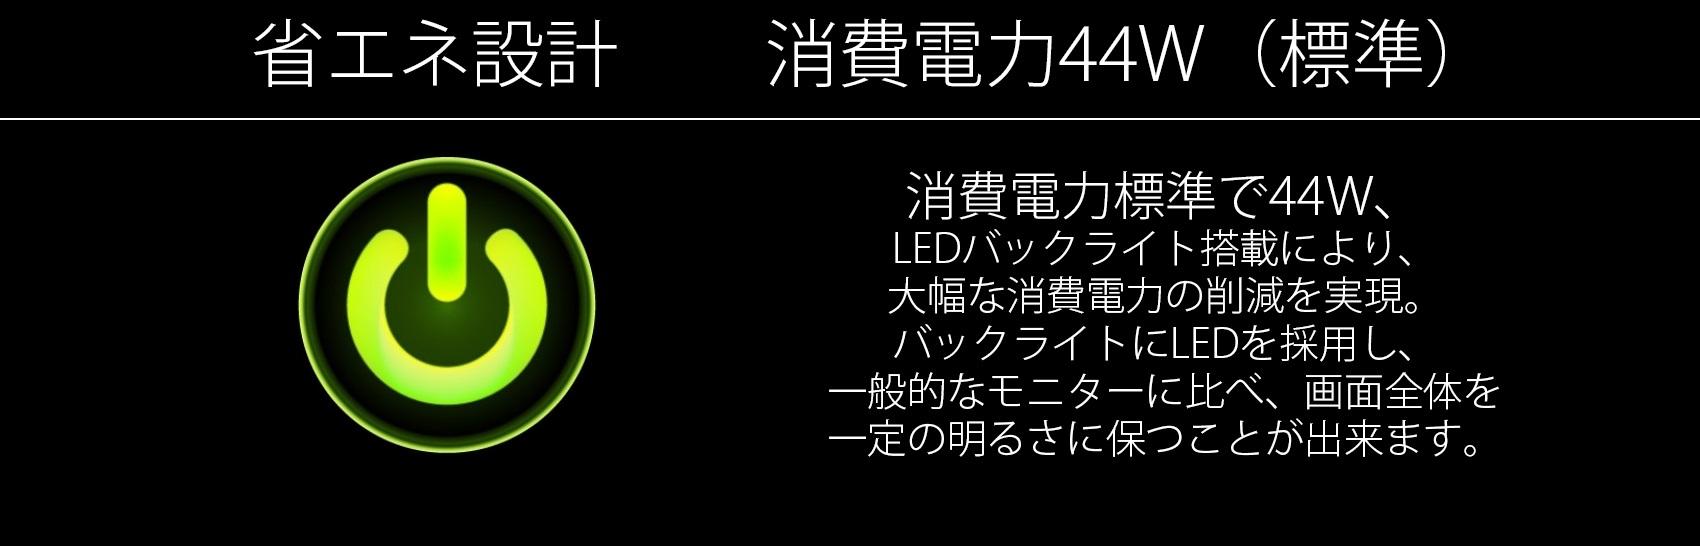 消費電力標準で44W、 LEDバックライト搭載により、 大幅な消費電力の削減を実現。 バックライトにLEDを採用し、 一般的なモニターに比べ、画面全体を 一定の明るさに保つことができます。